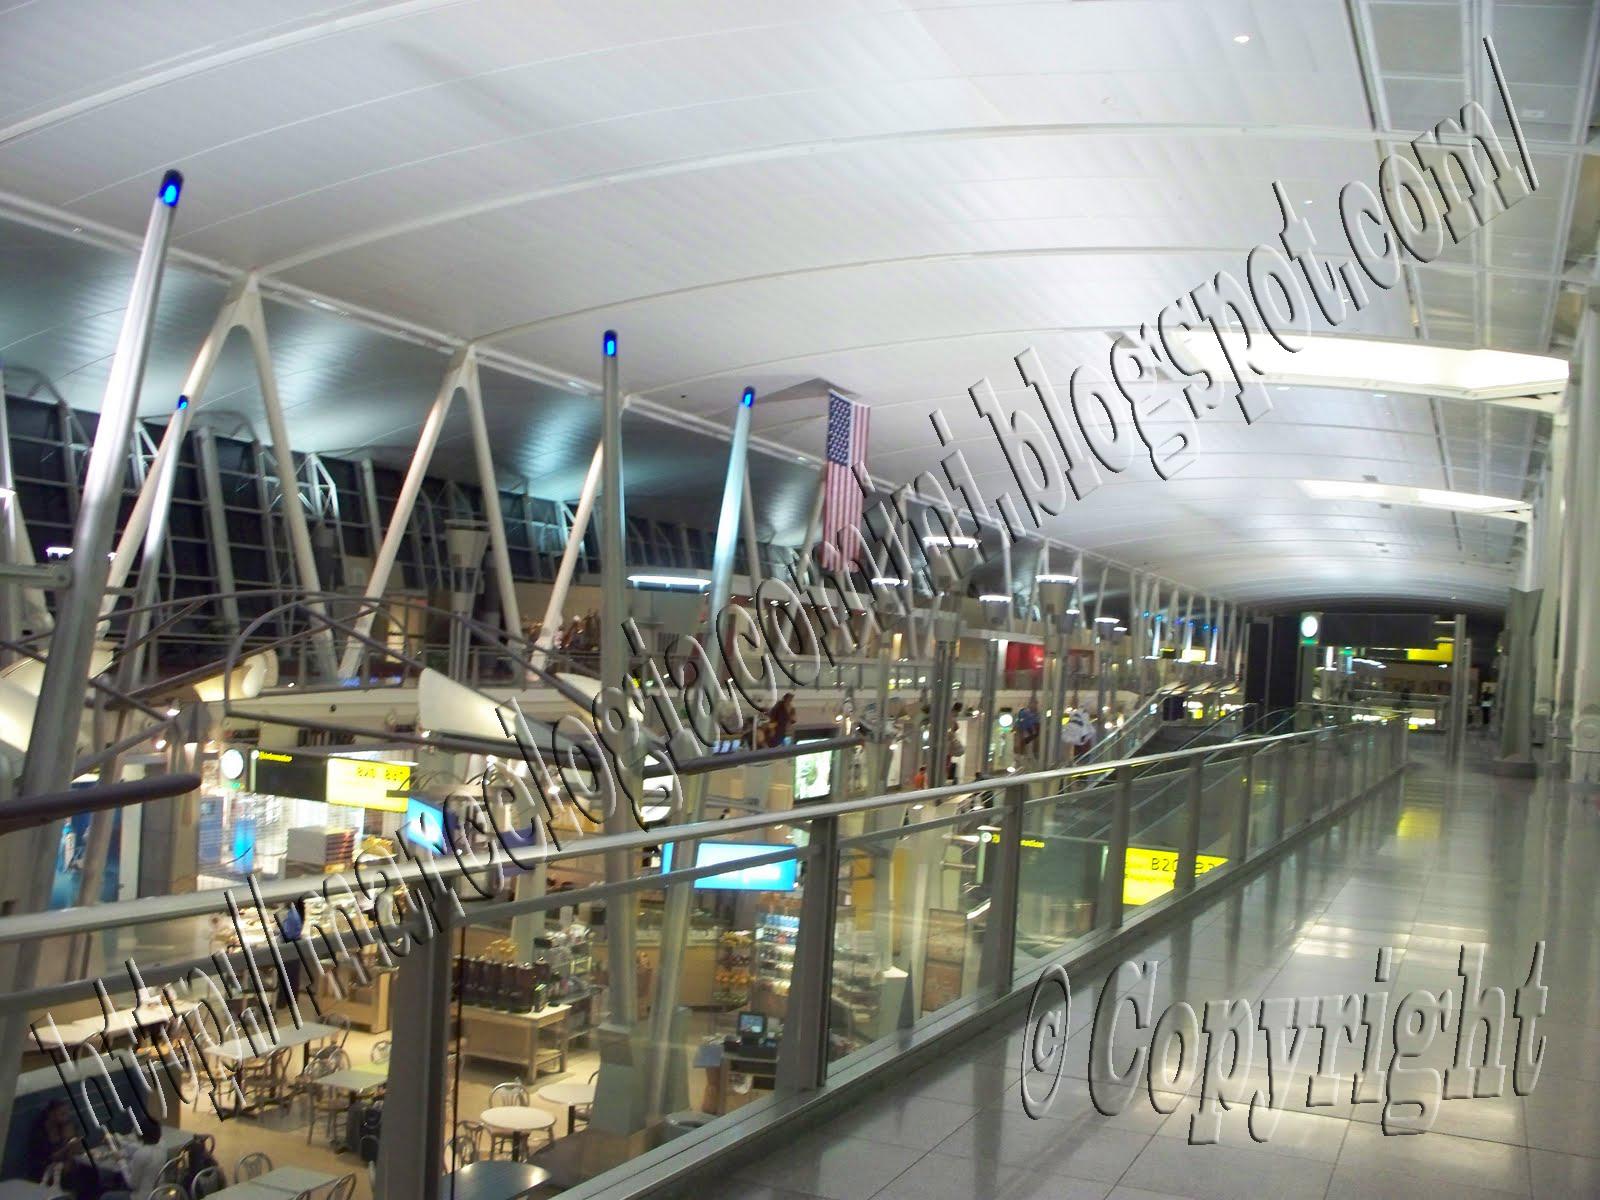 Aeroporto Jfk : A cada momento uma nova fotografia em destaque: aeroporto jfk